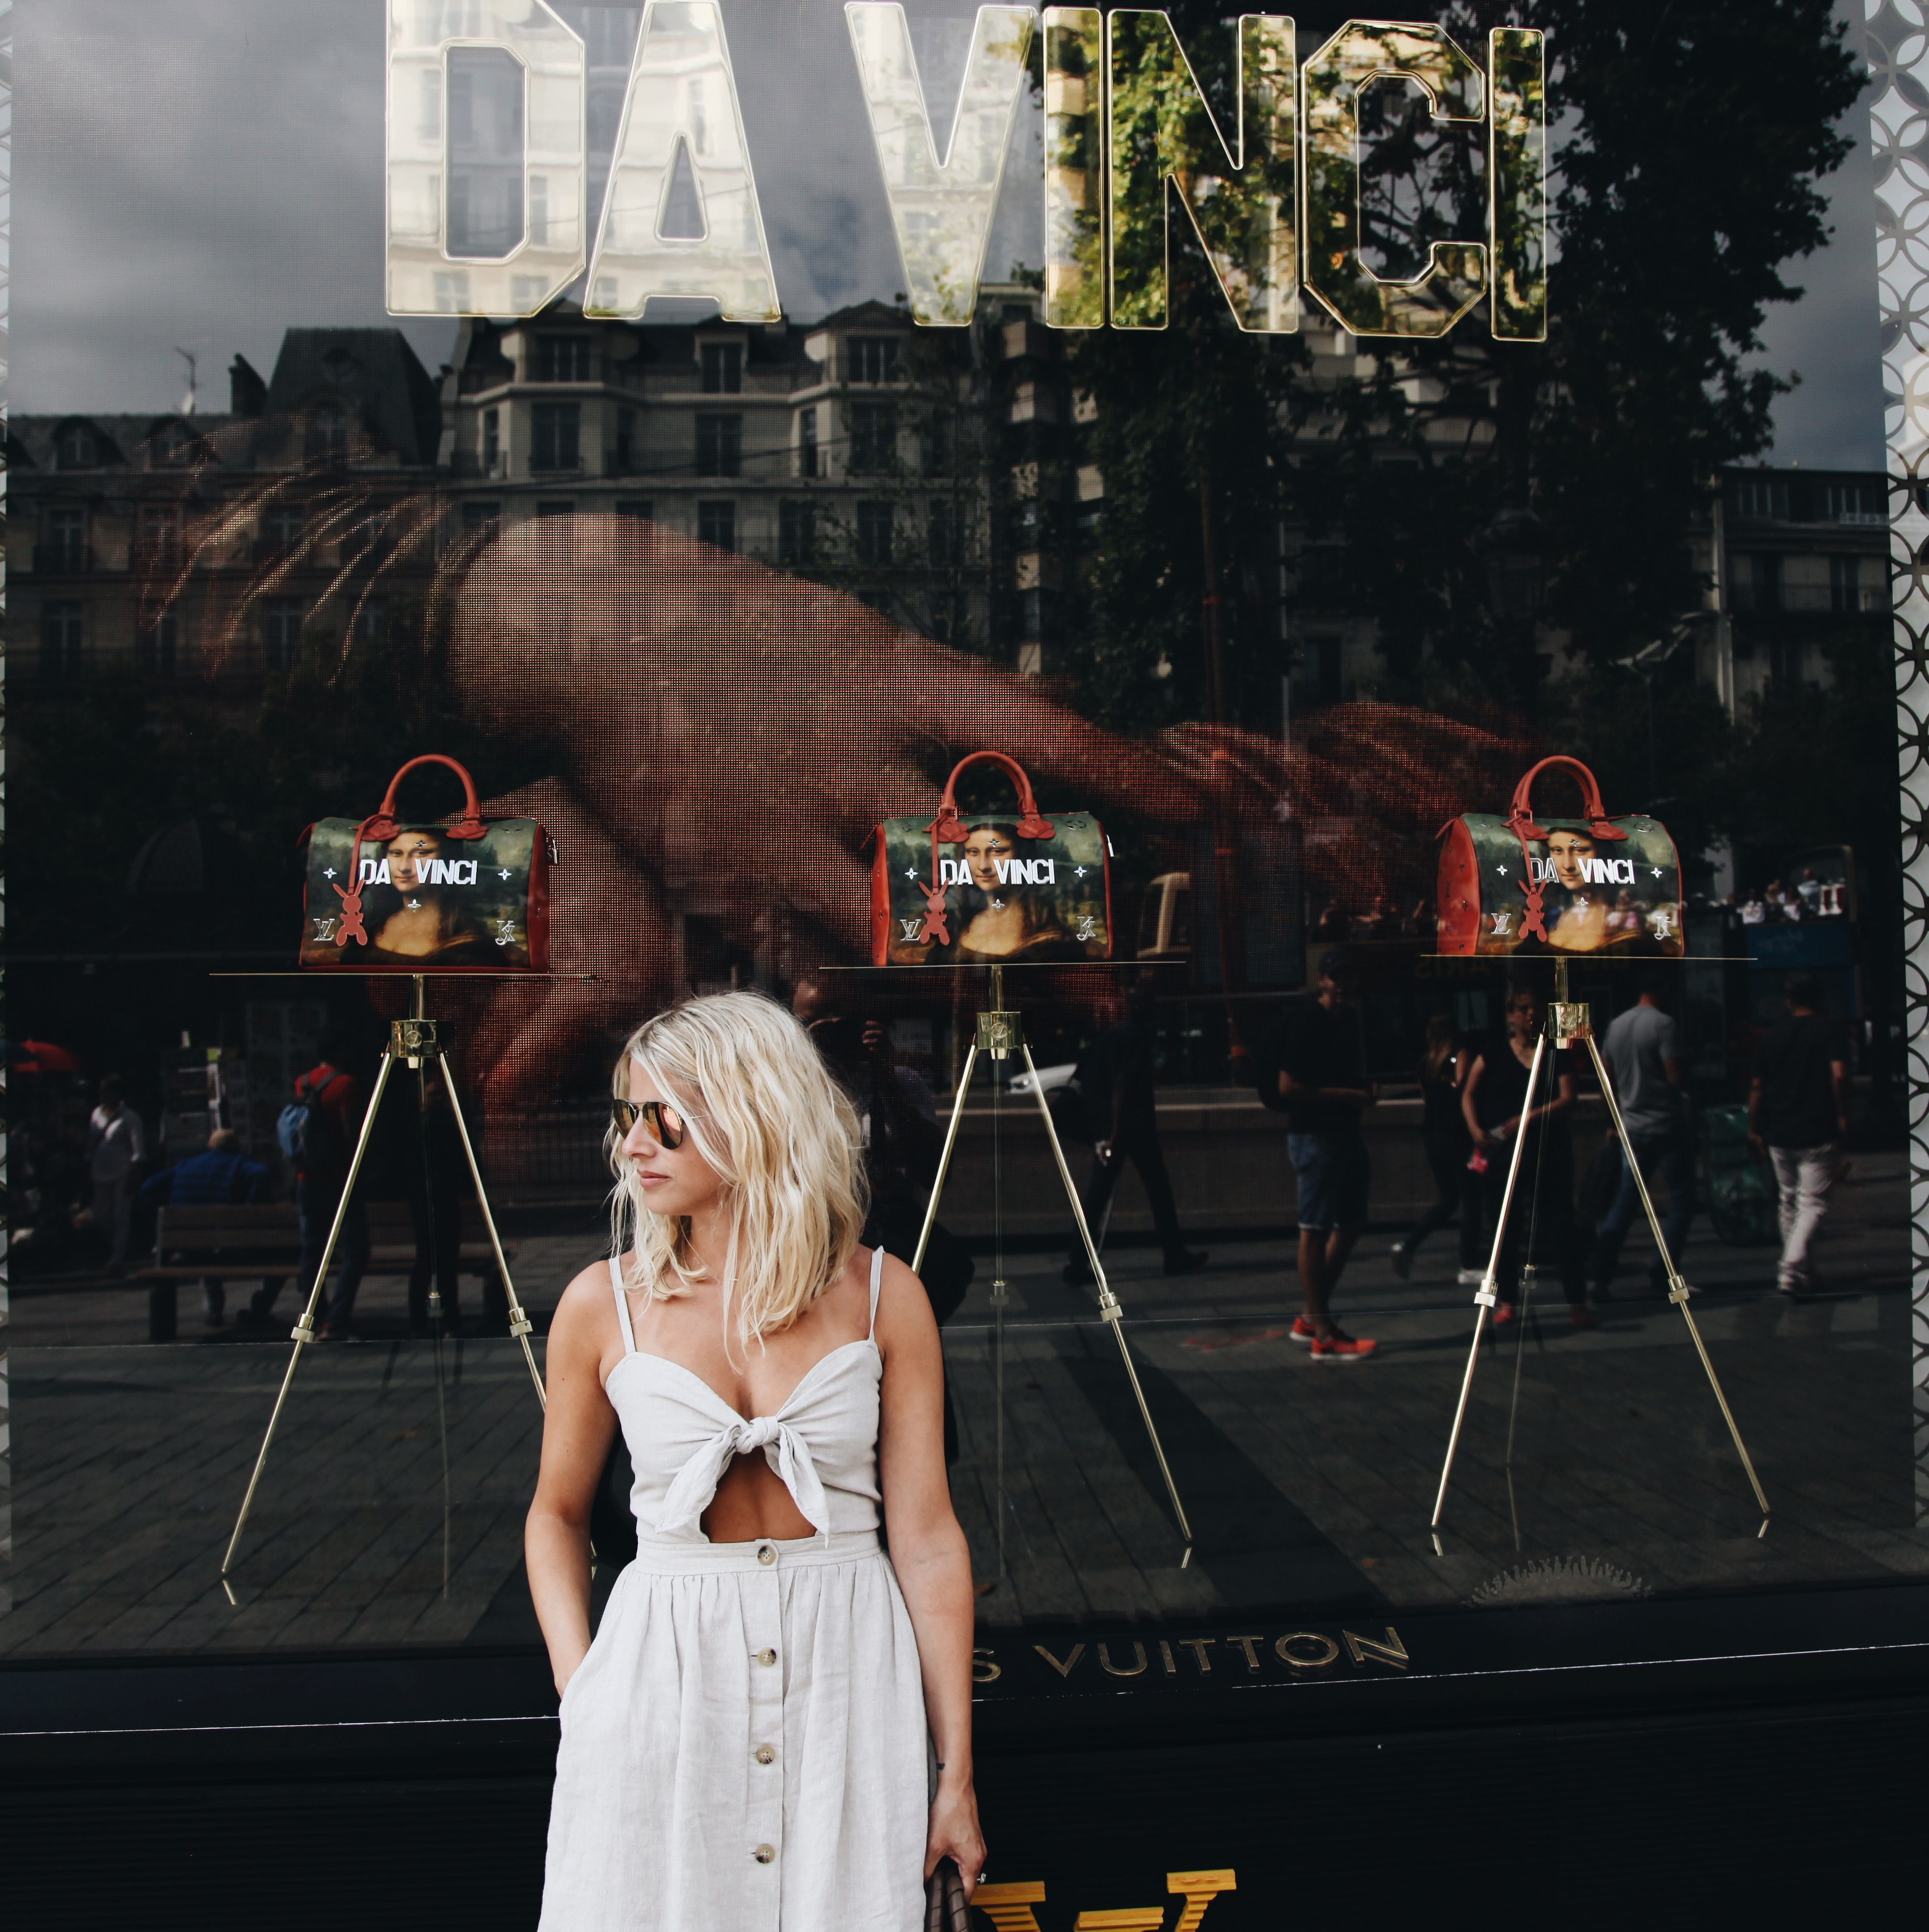 Louis Vuitton x Davinci